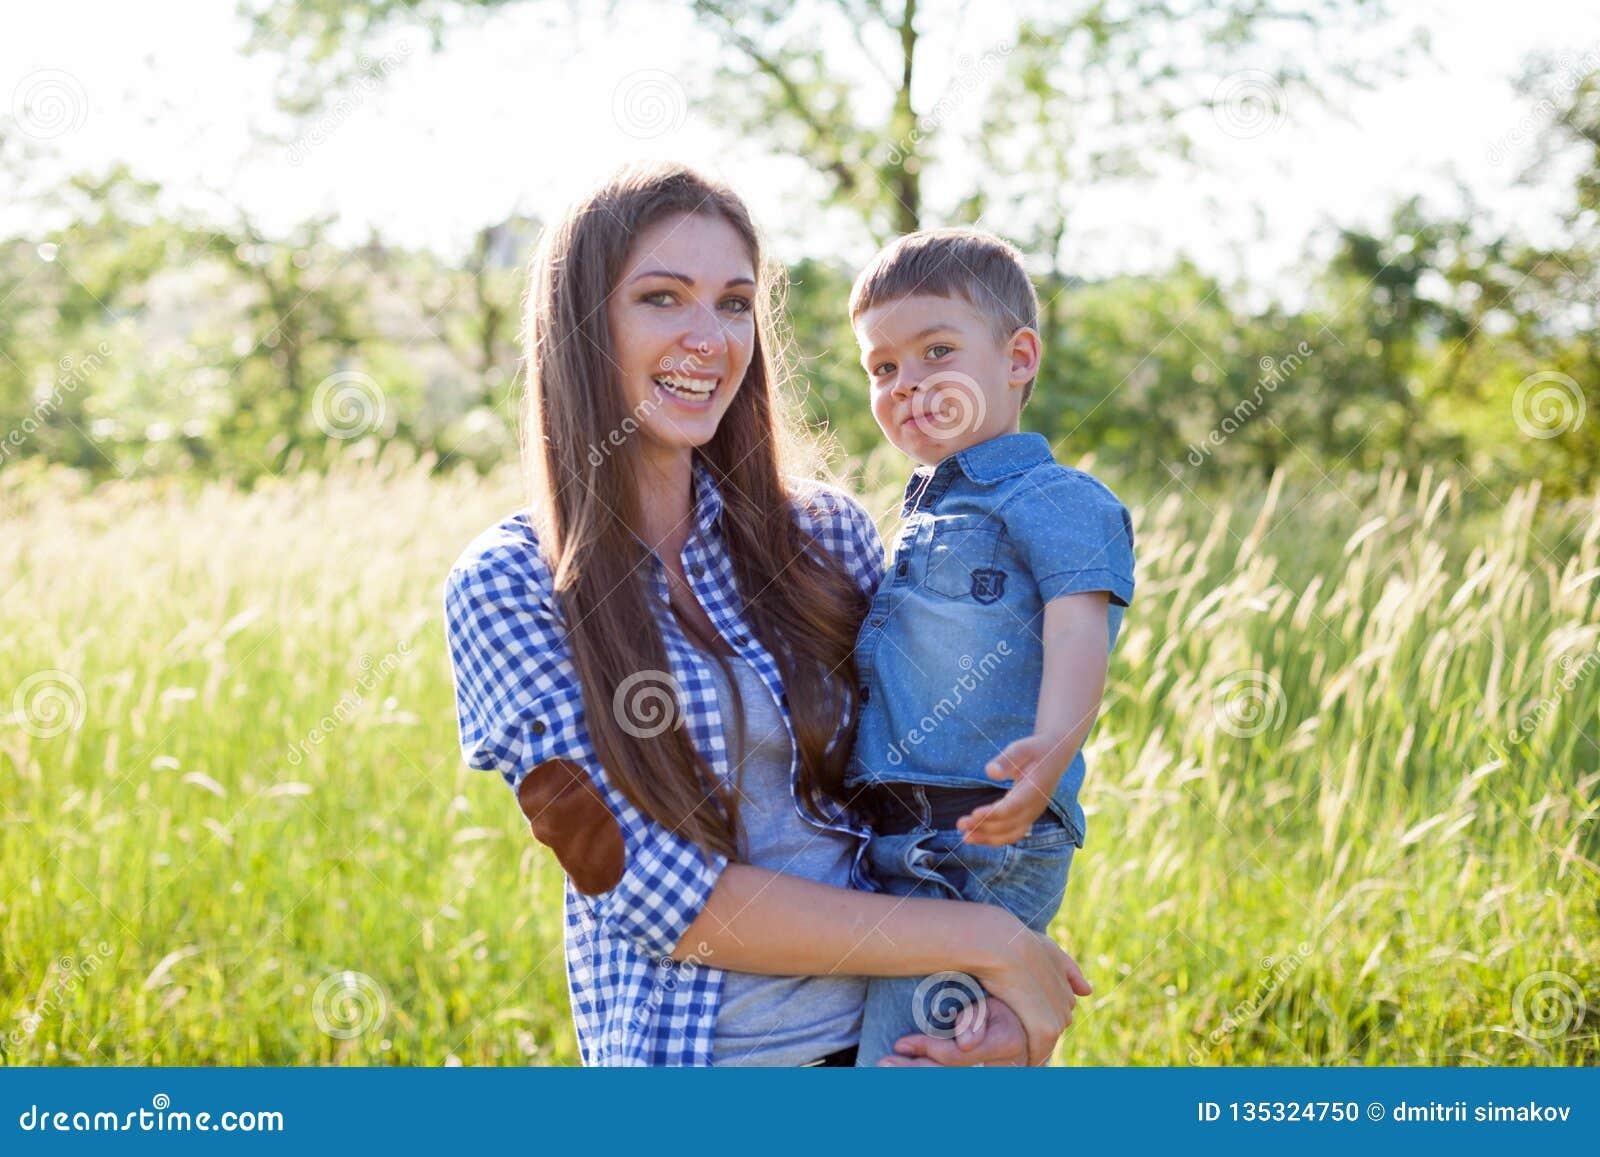 Mutter- und Sohnporträt gegen grüne Baumfamilie